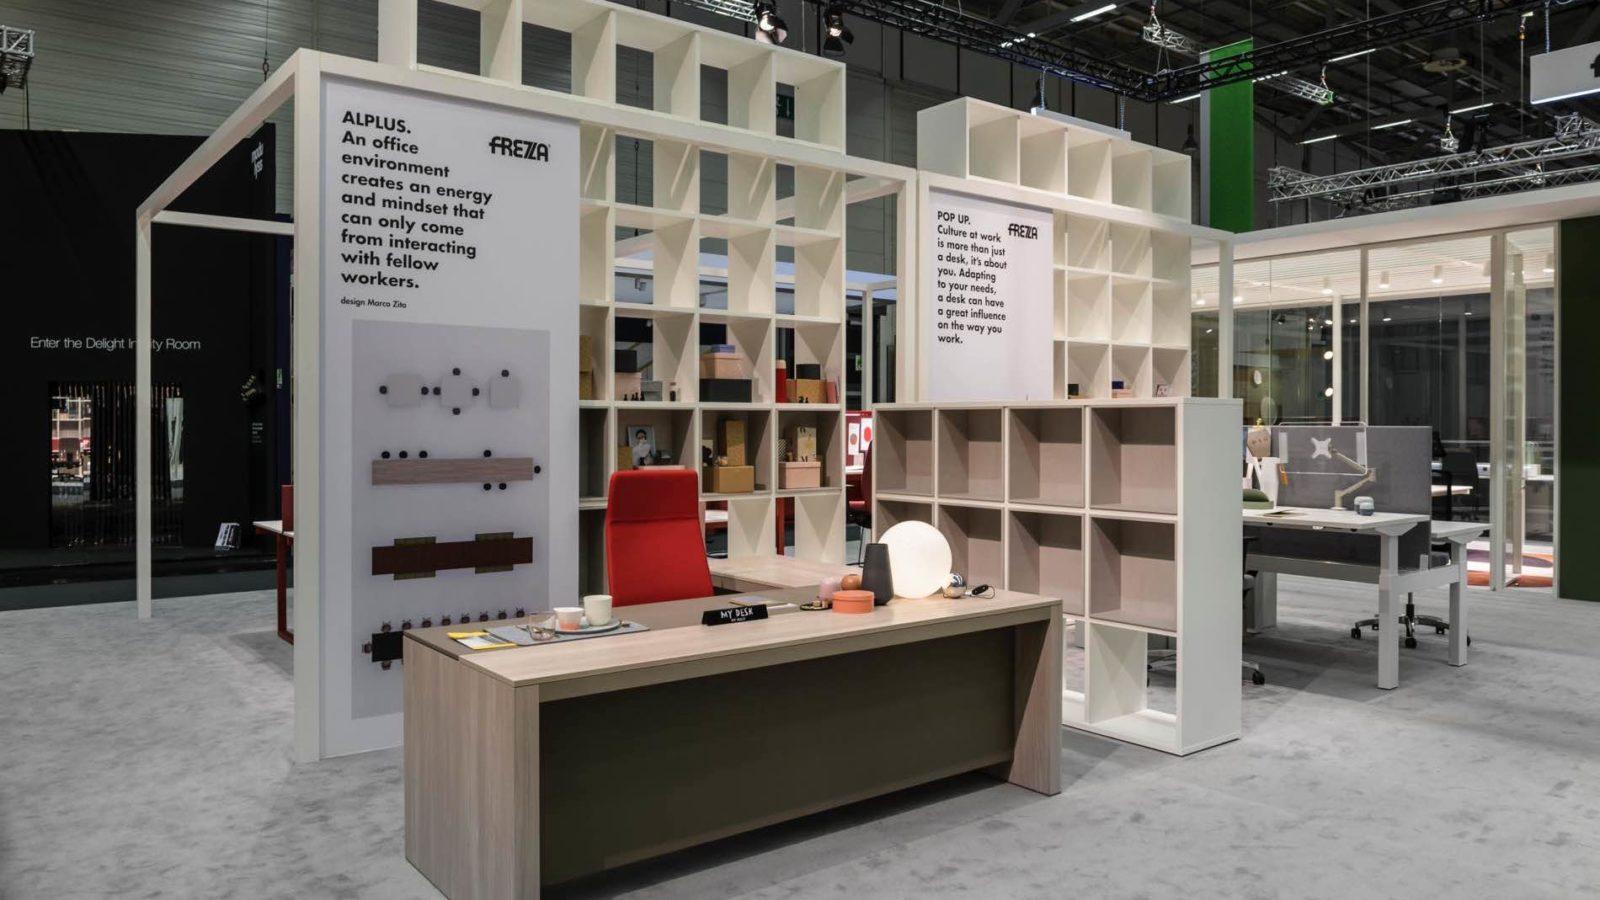 Bottega - Dettaglio allestimento stand Frezza per l'edizione 2018 dell'Orgatec a Colonia